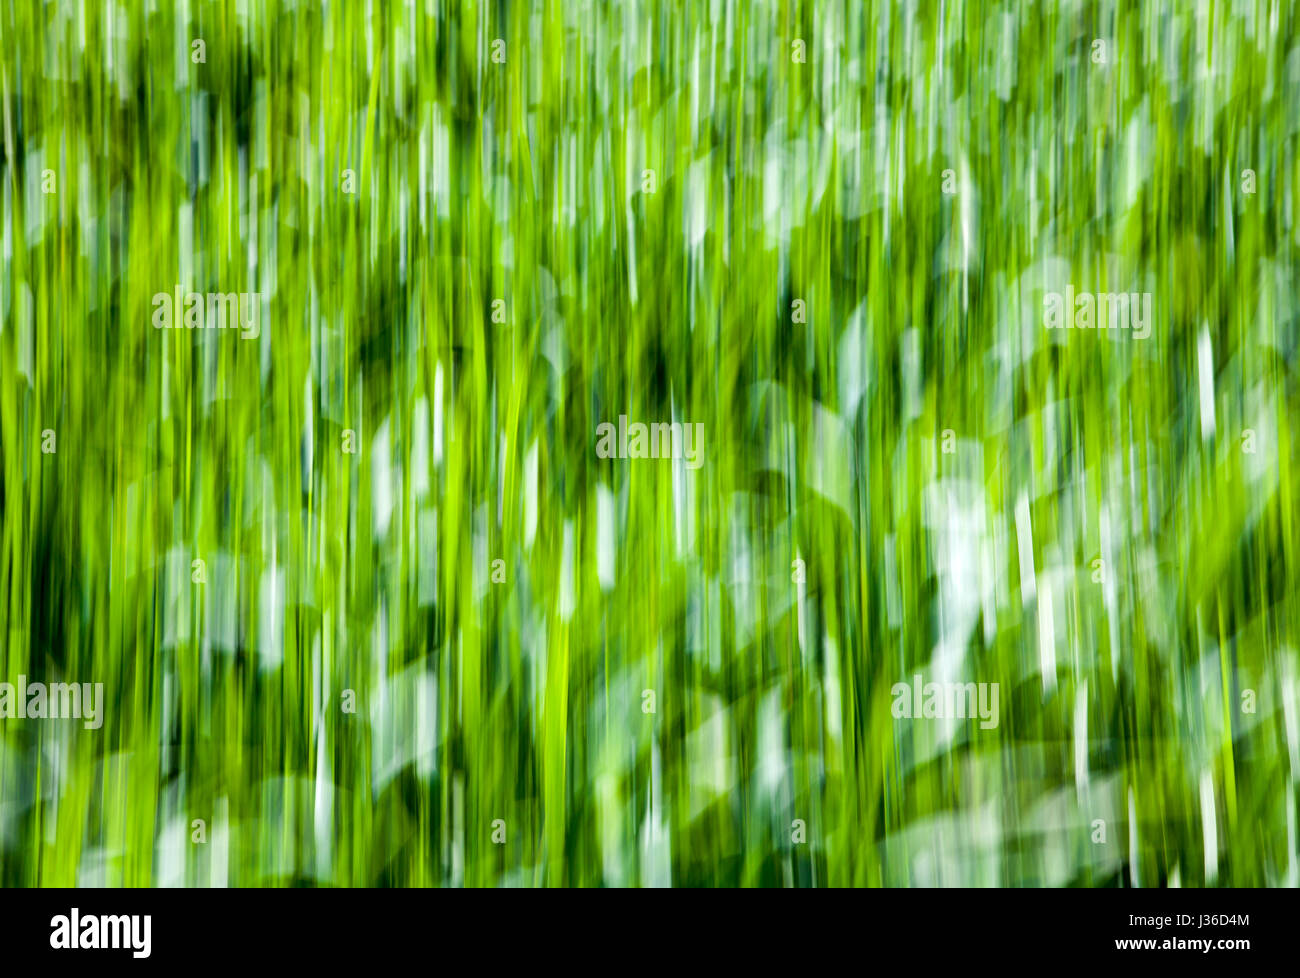 Linee astratte e strutture in erba verde, closeup, con una salvietta sfocata effetto Foto Stock